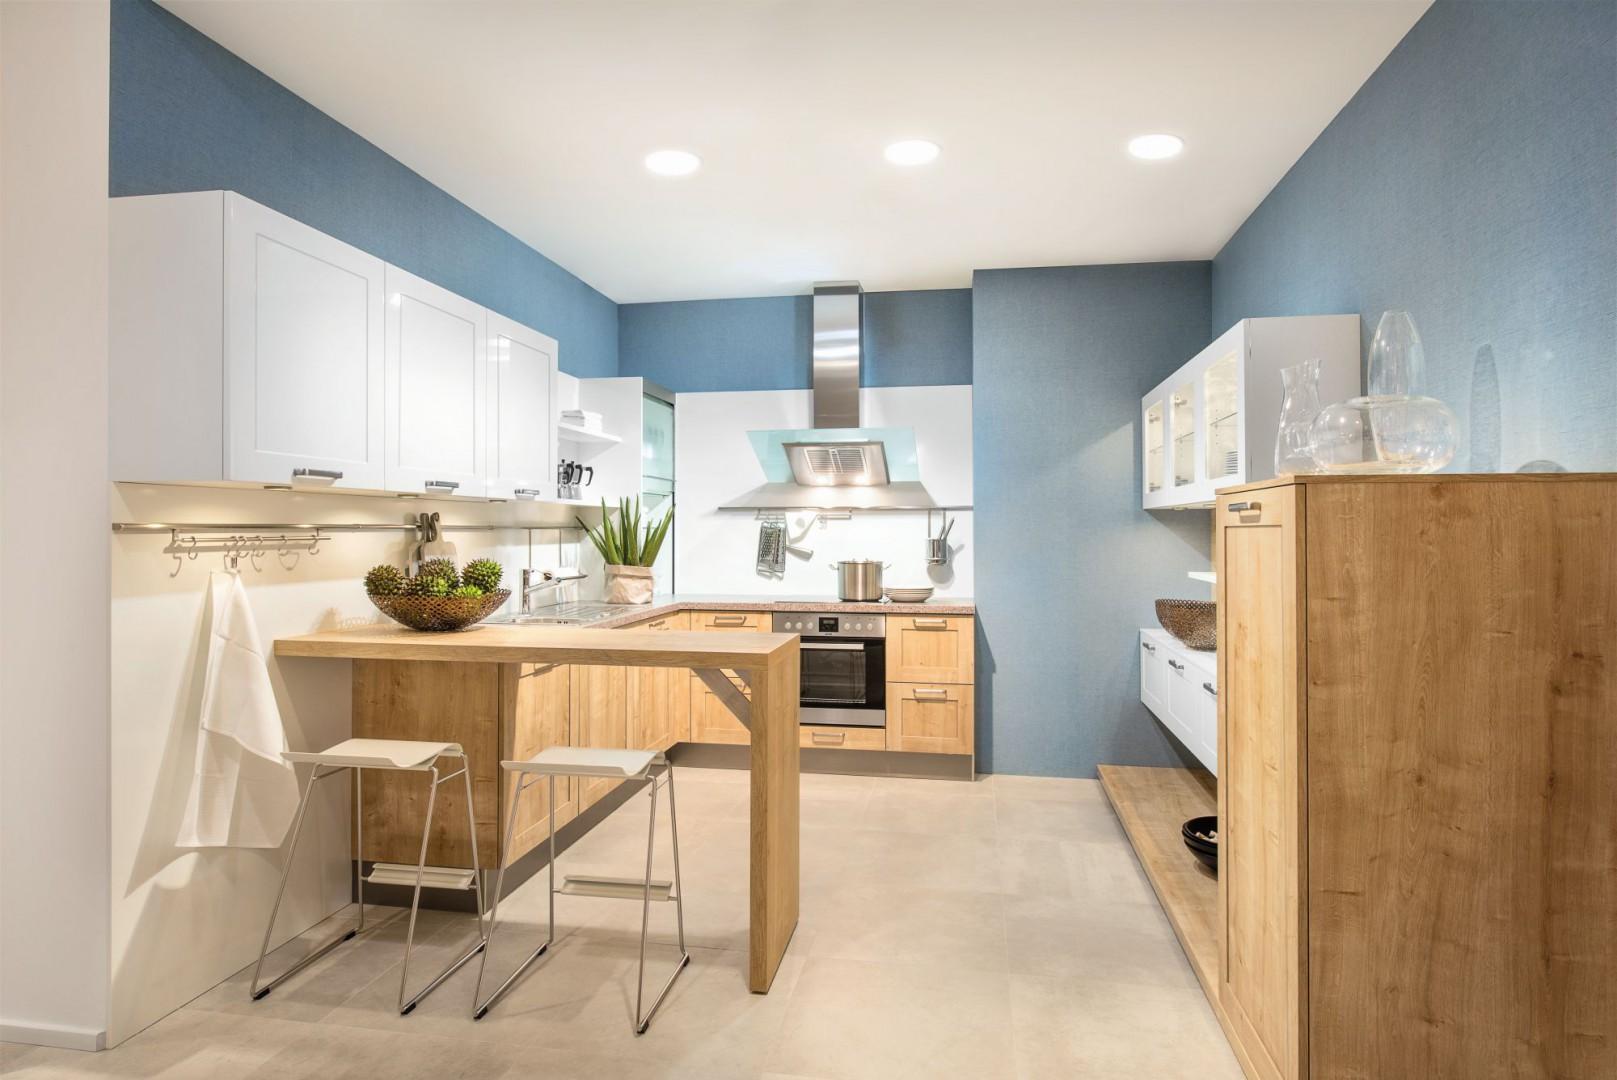 Urzadzamy Piekna Kuchnia Zobacz 15 Aranzacji Z Rysunkiem Drewna